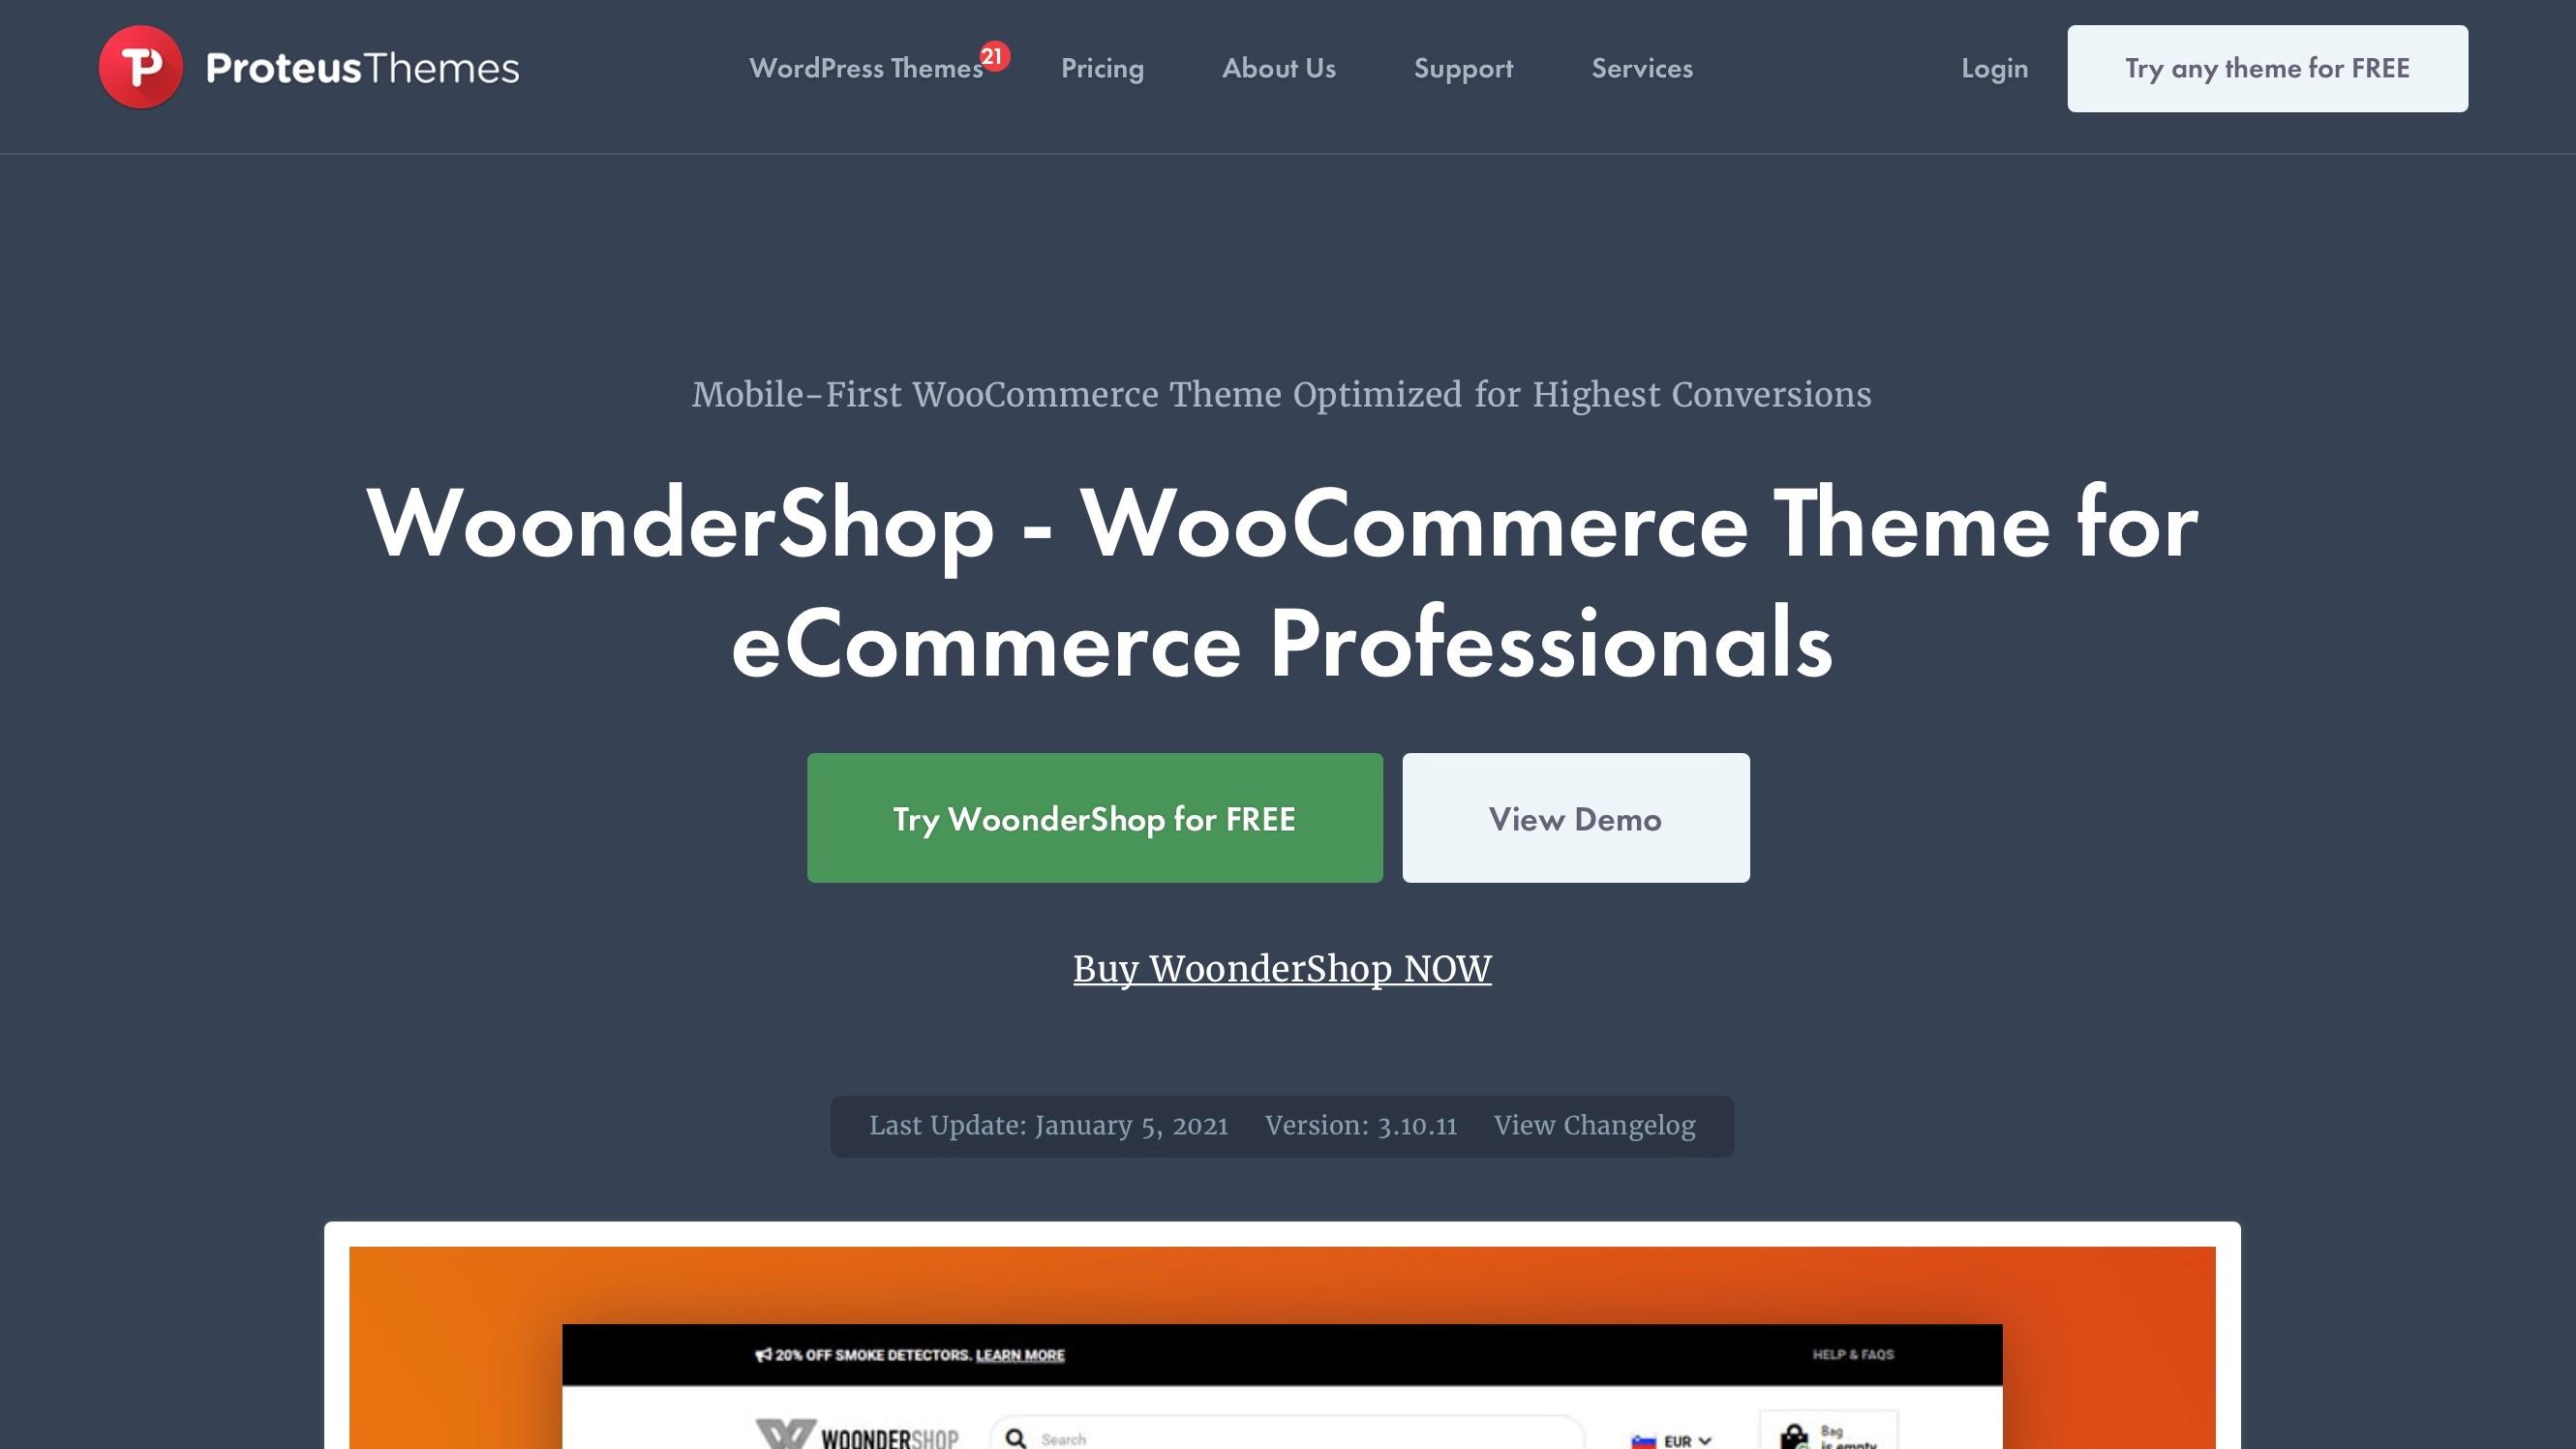 WoonderShop